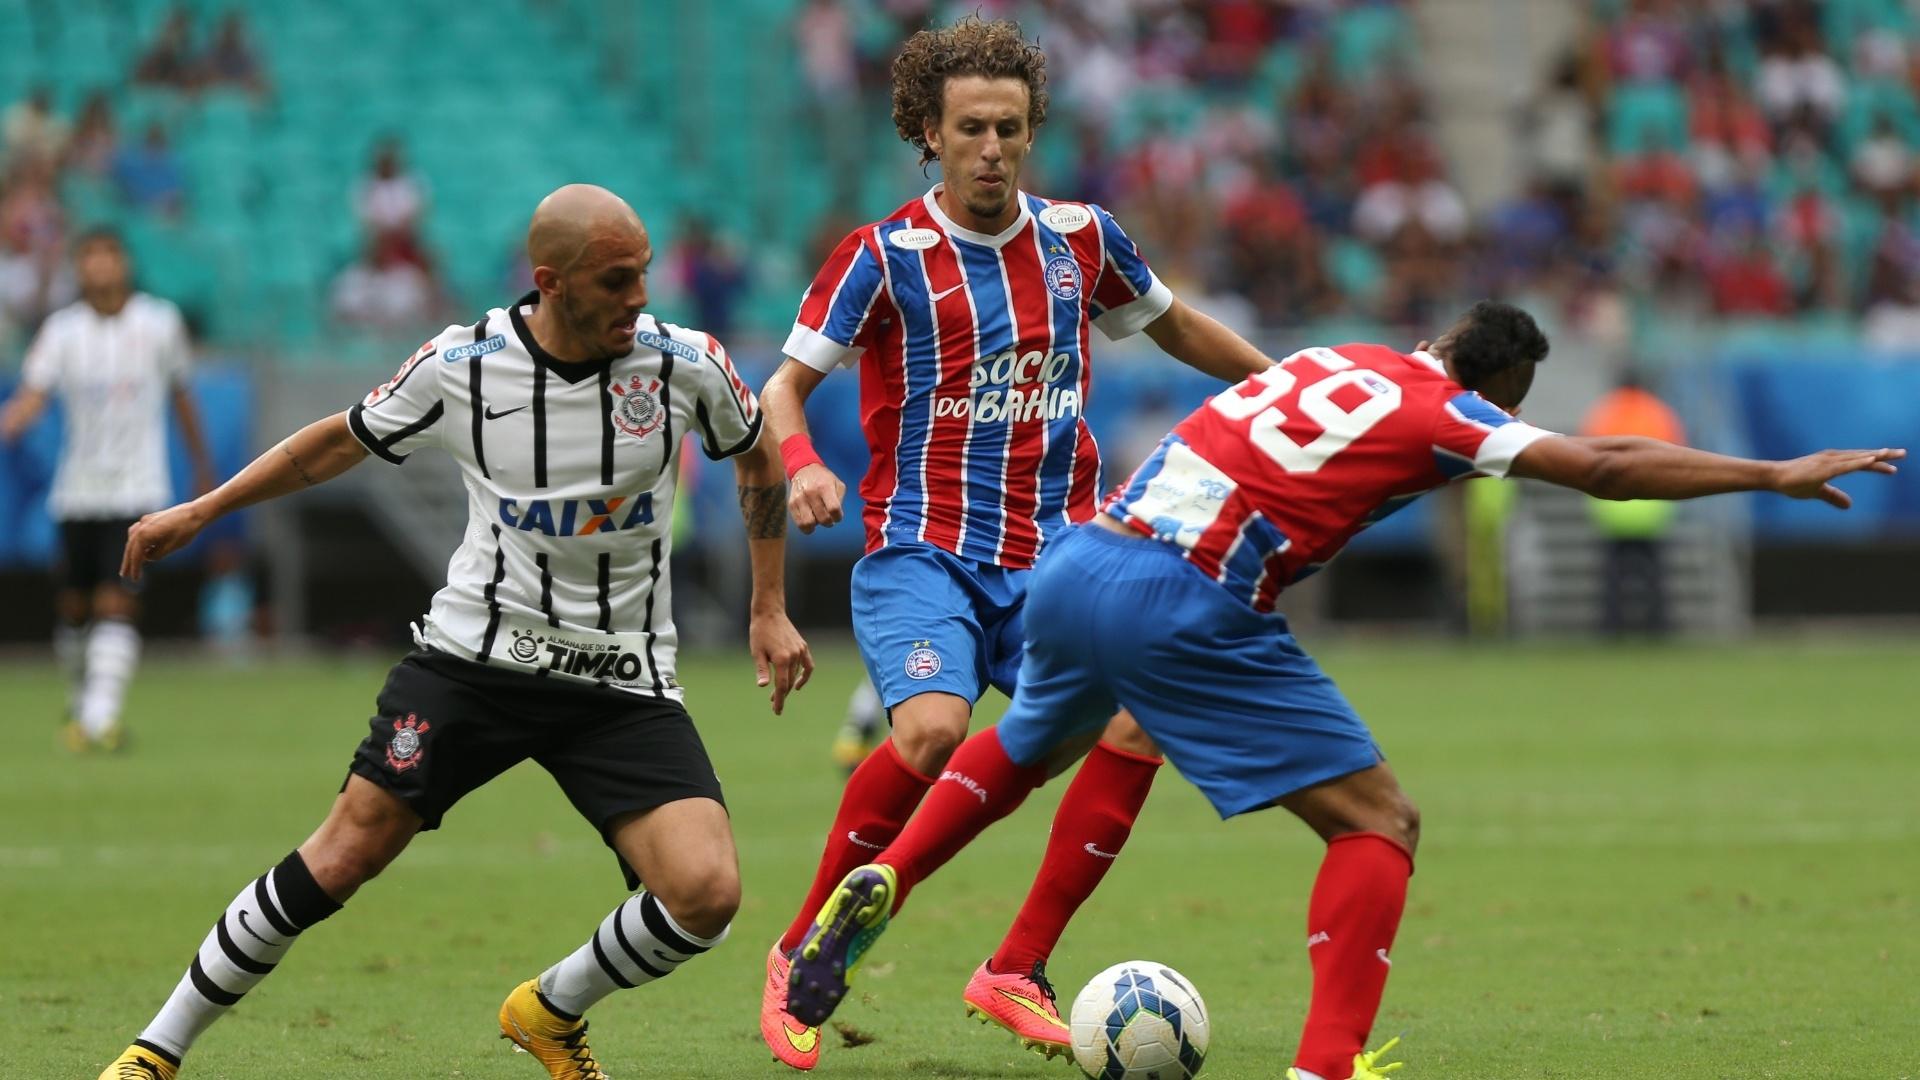 Corintiano abio Santos disputa com Galhardo e Railan, do Bahia